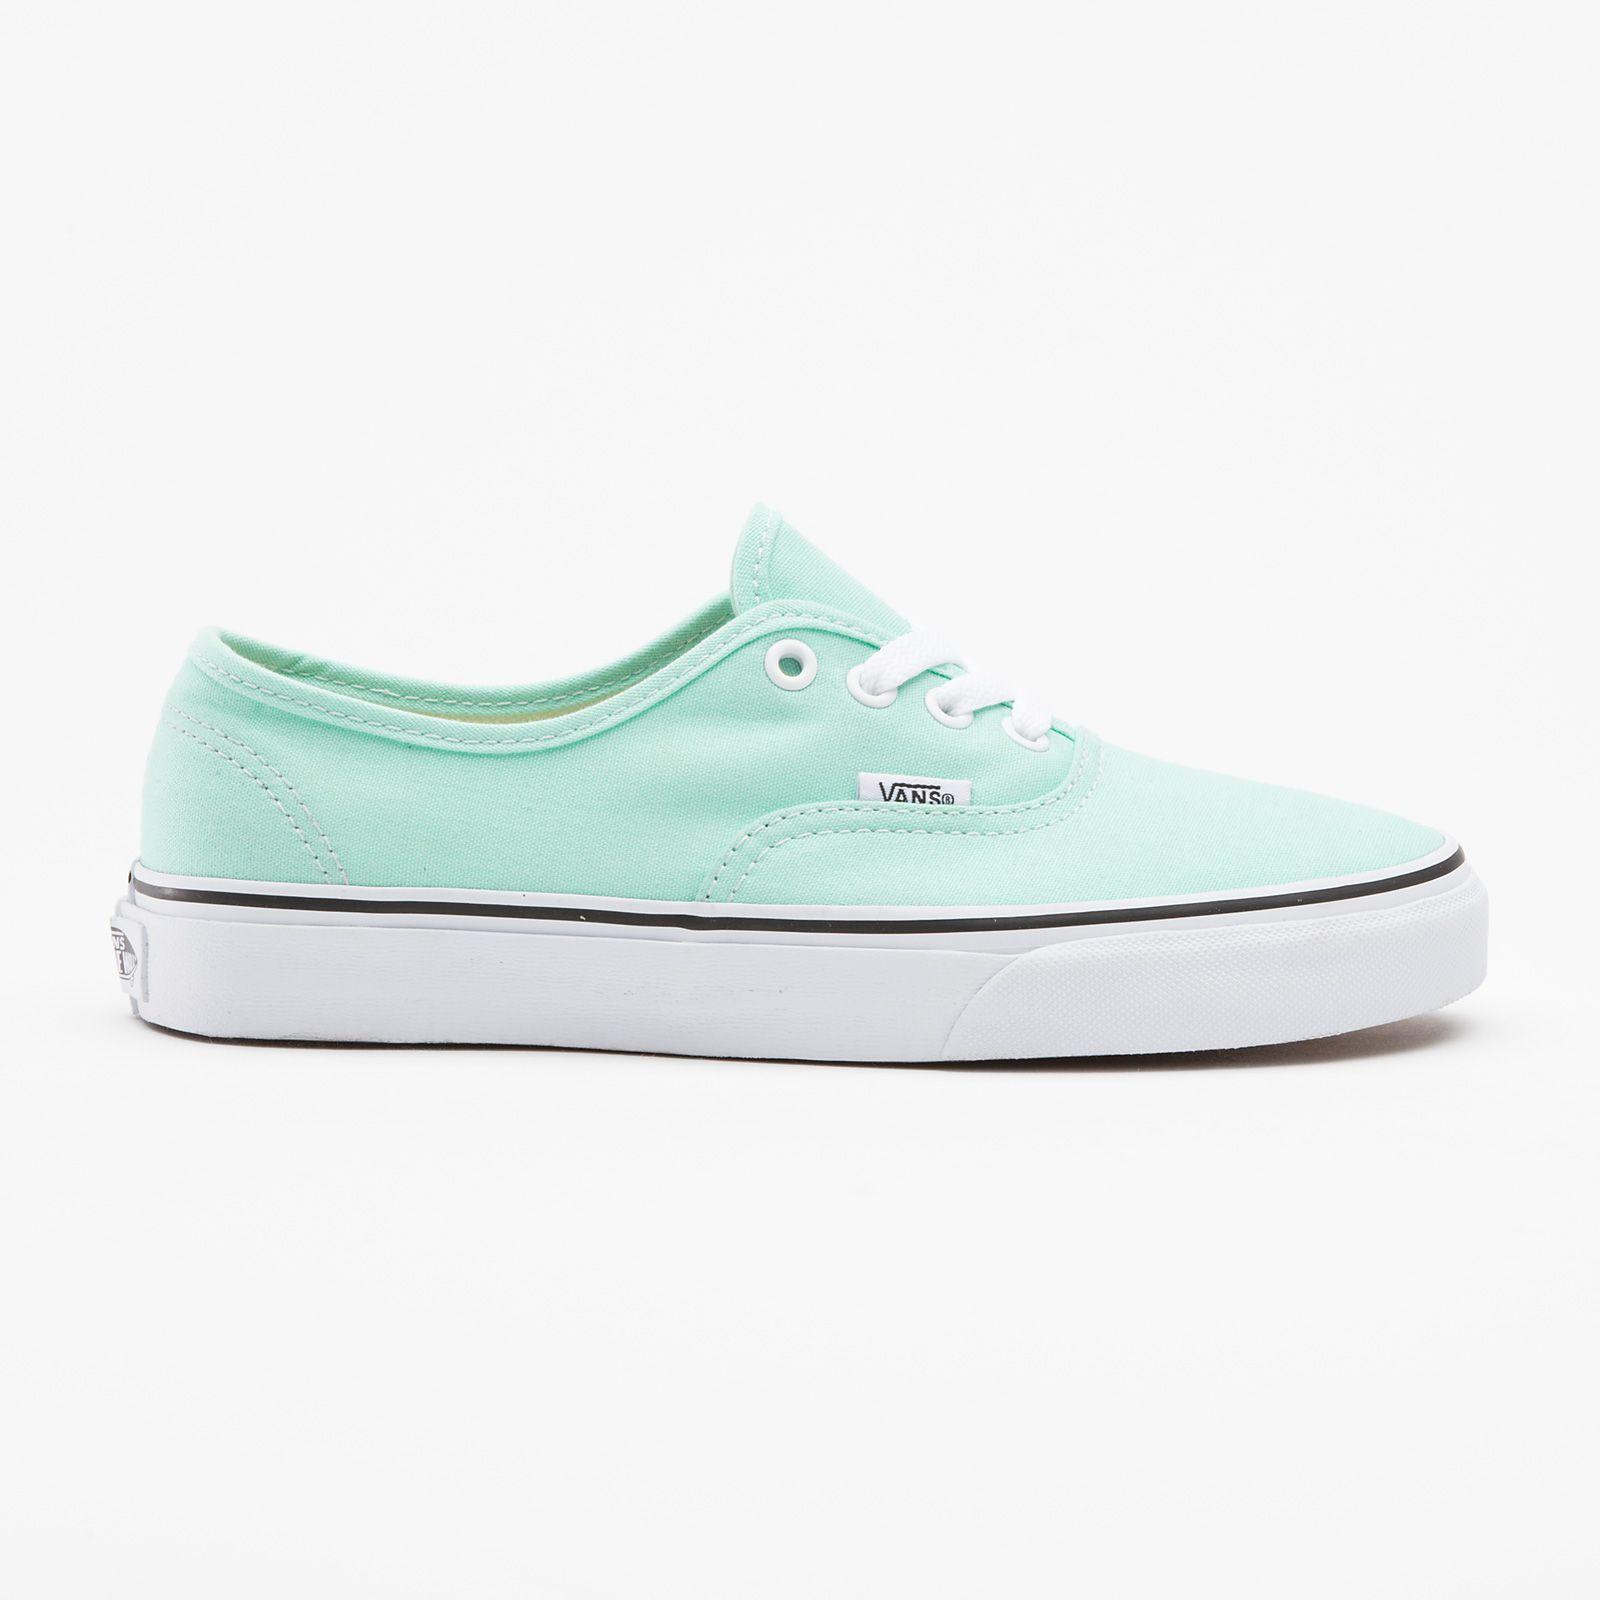 5abee9d4b Explore Sapatos, Vans Verdes Menta e muito mais!